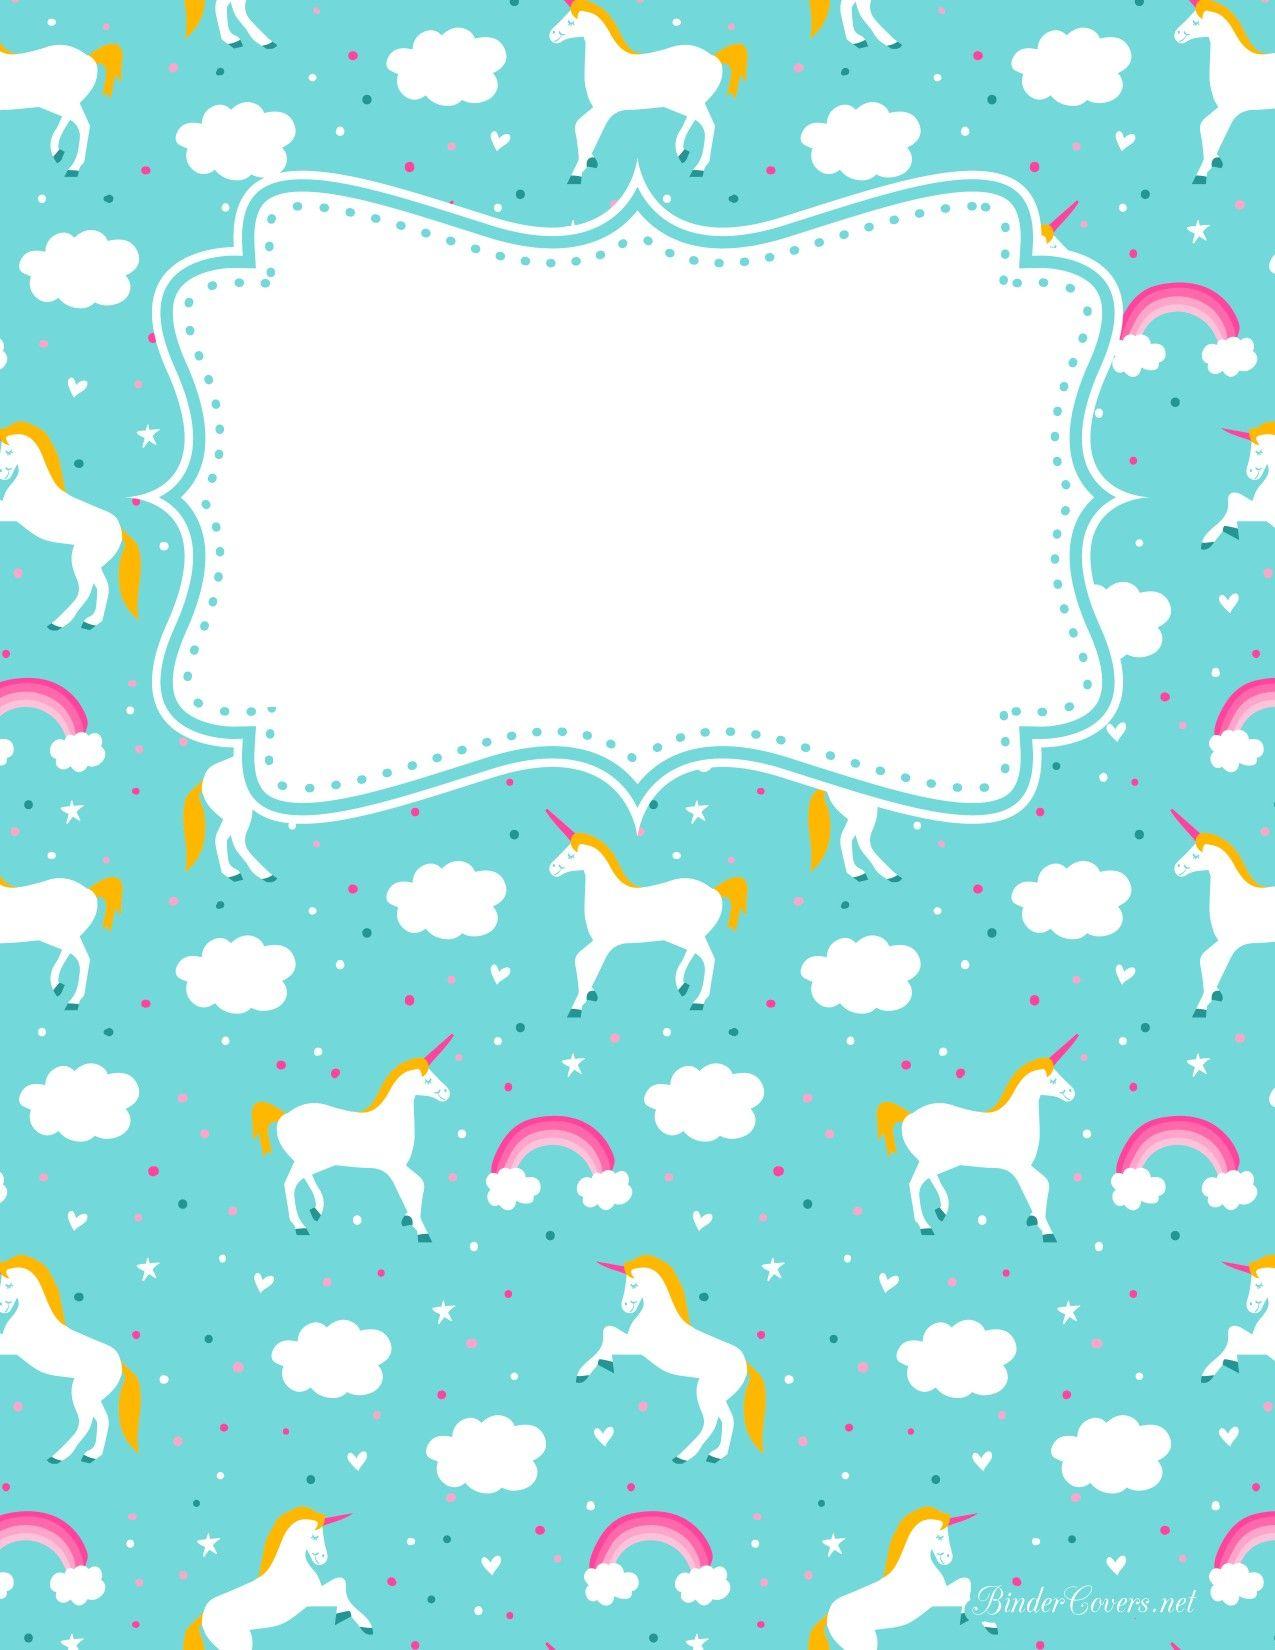 Book Cover Portadas Up : Portada cuaderno unicornio portadas pinterest